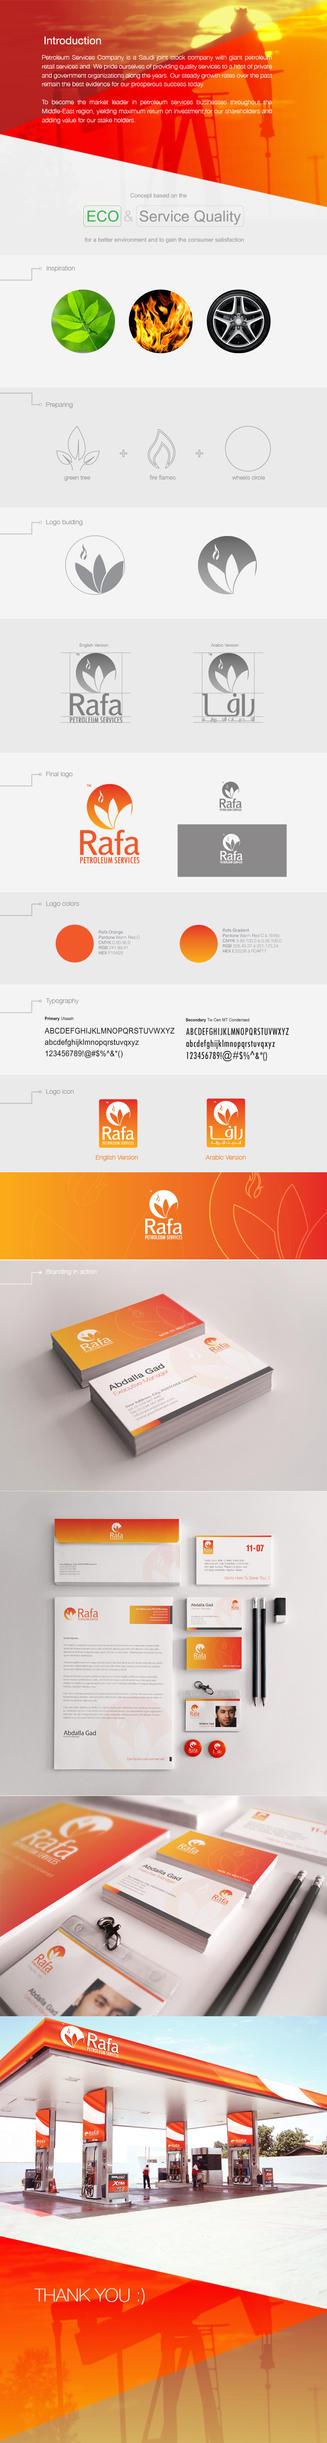 Rafa - Branding by GadART